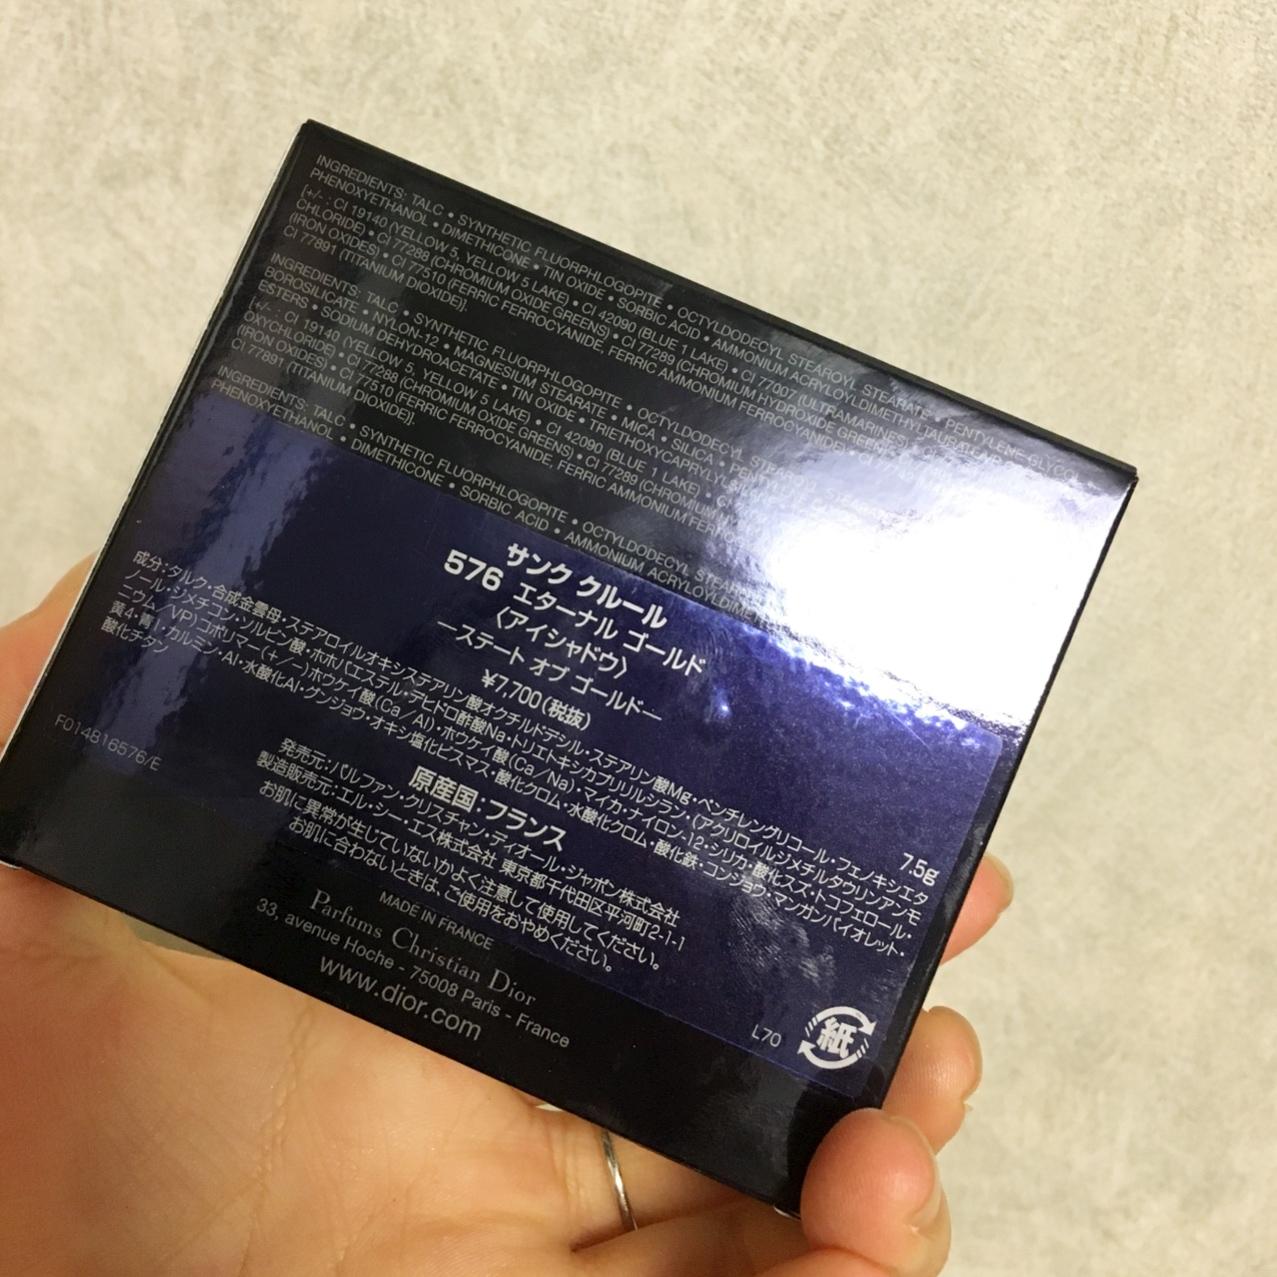 軽井沢アウトレット年末セール♡Diorのアイシャドウで大人っぽ目元_1_1-3